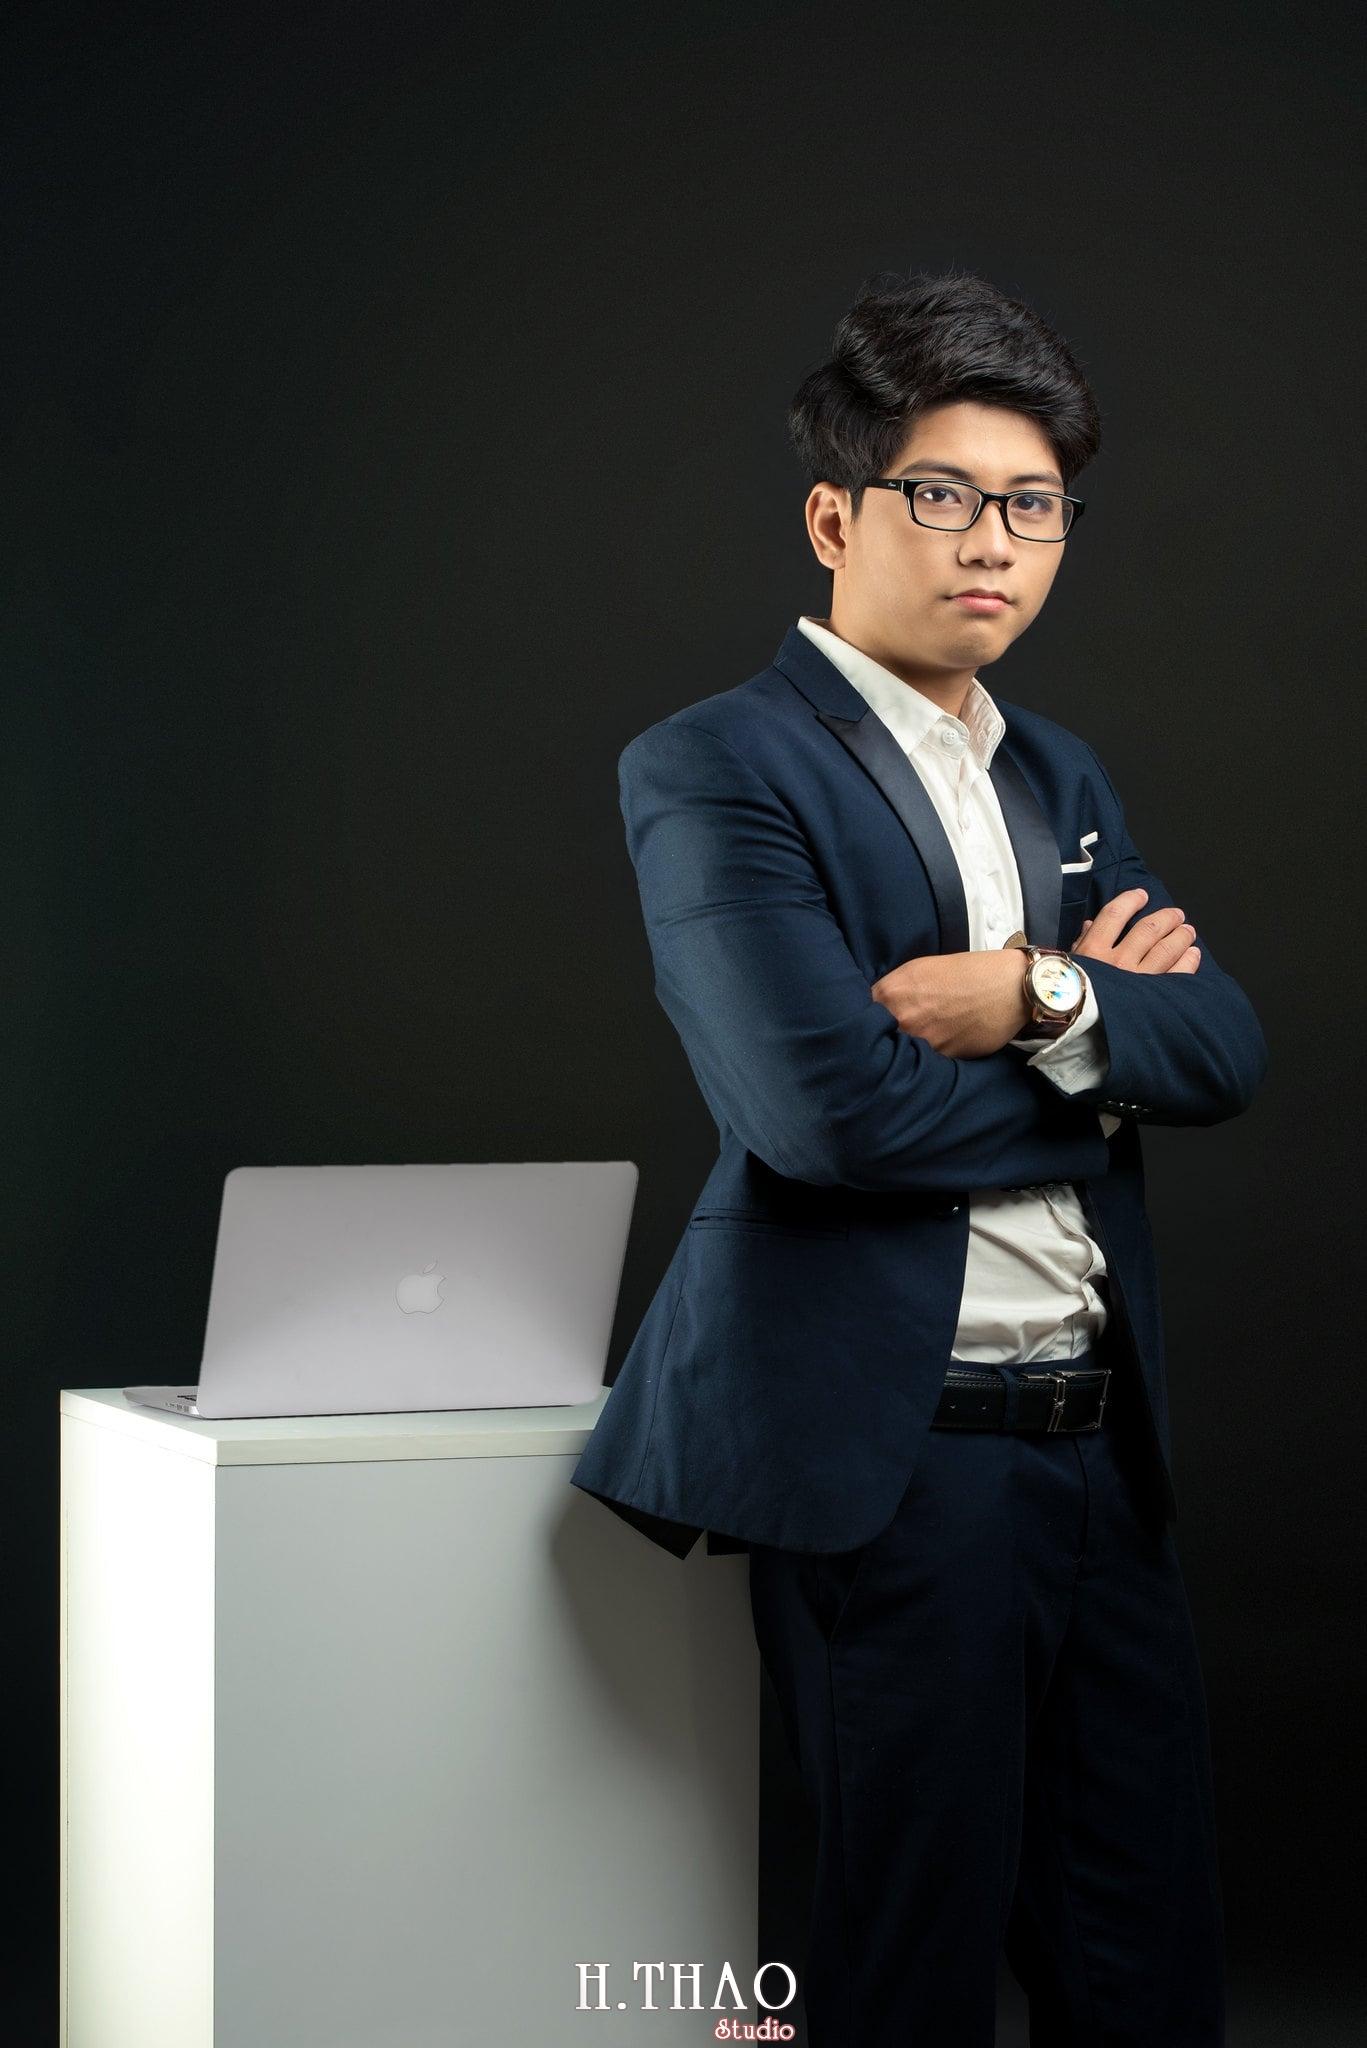 Duong 5 min - 5 bí quyết rất quan trọng để có bộ ảnh doanh nhân đẹp – HThao Studio